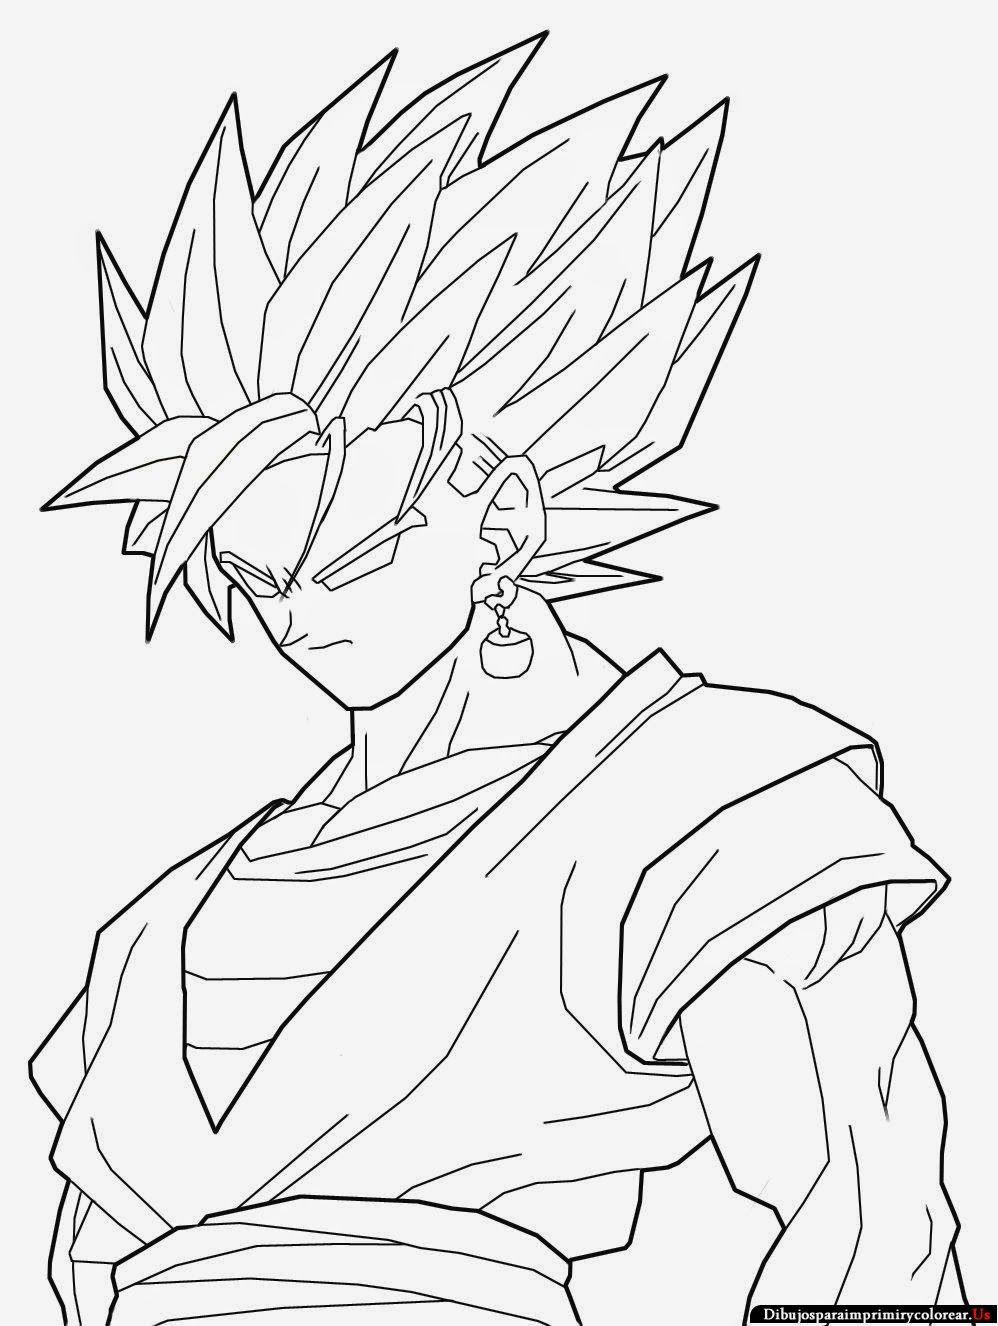 Juegos De Pintar De Dragon Ball Z. Perfect Goku Dragonball Zgokuto ...